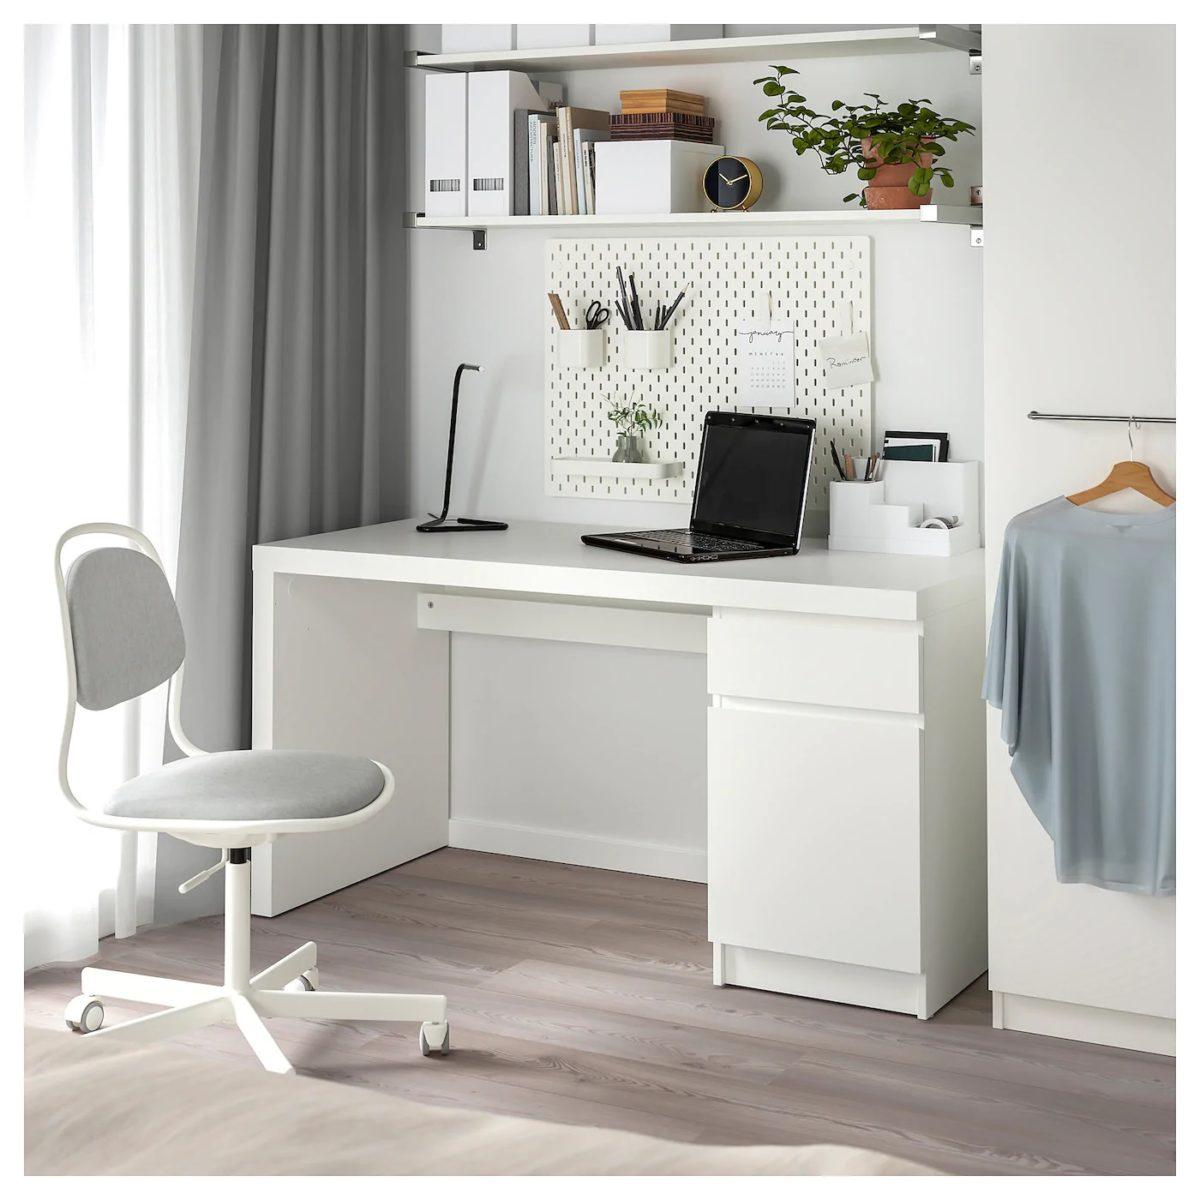 camera-da-letto-ikea-malm-scrivania